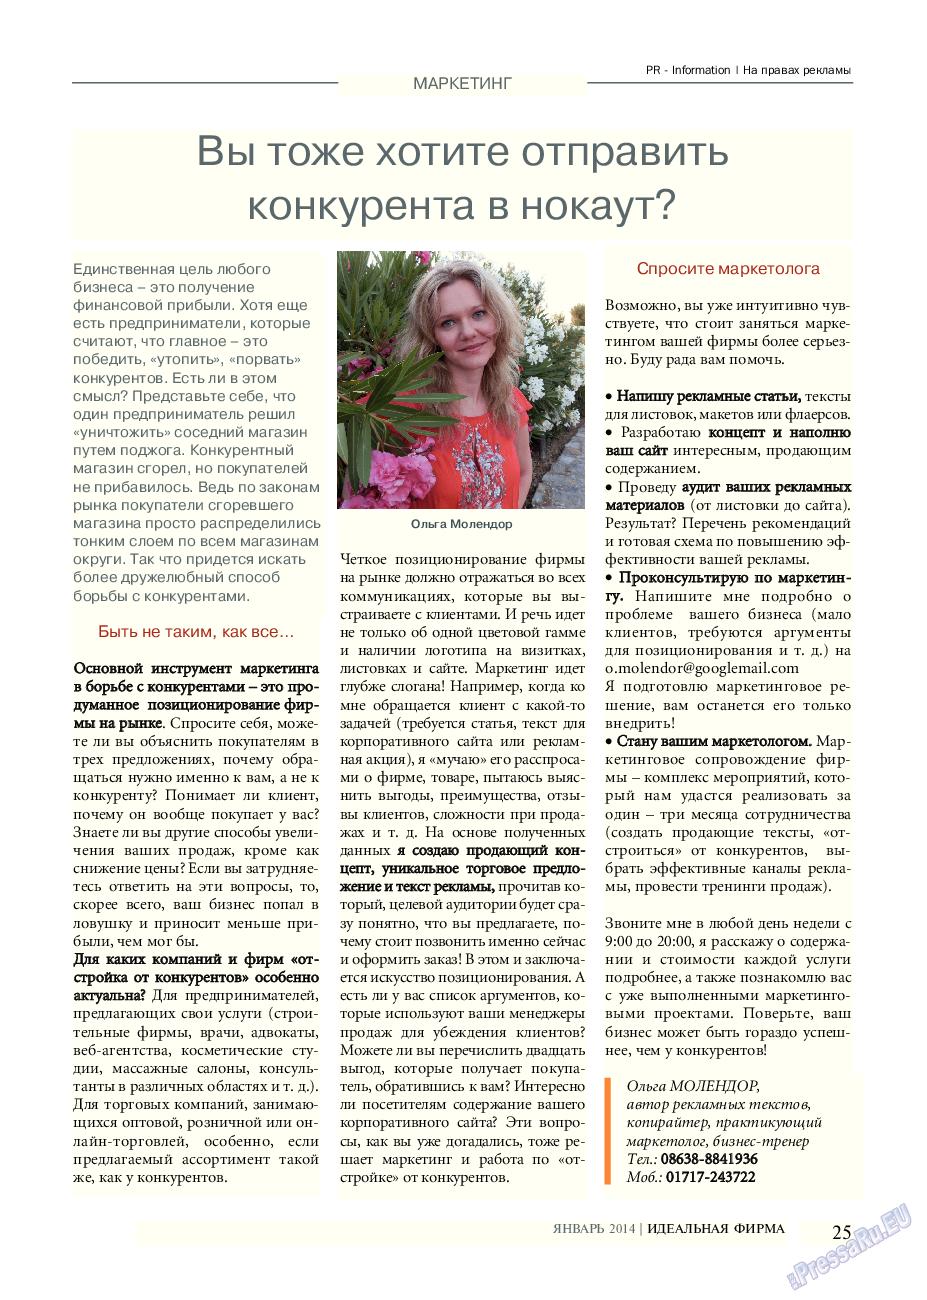 Идеальная фирма (журнал). 2015 год, номер 1, стр. 25